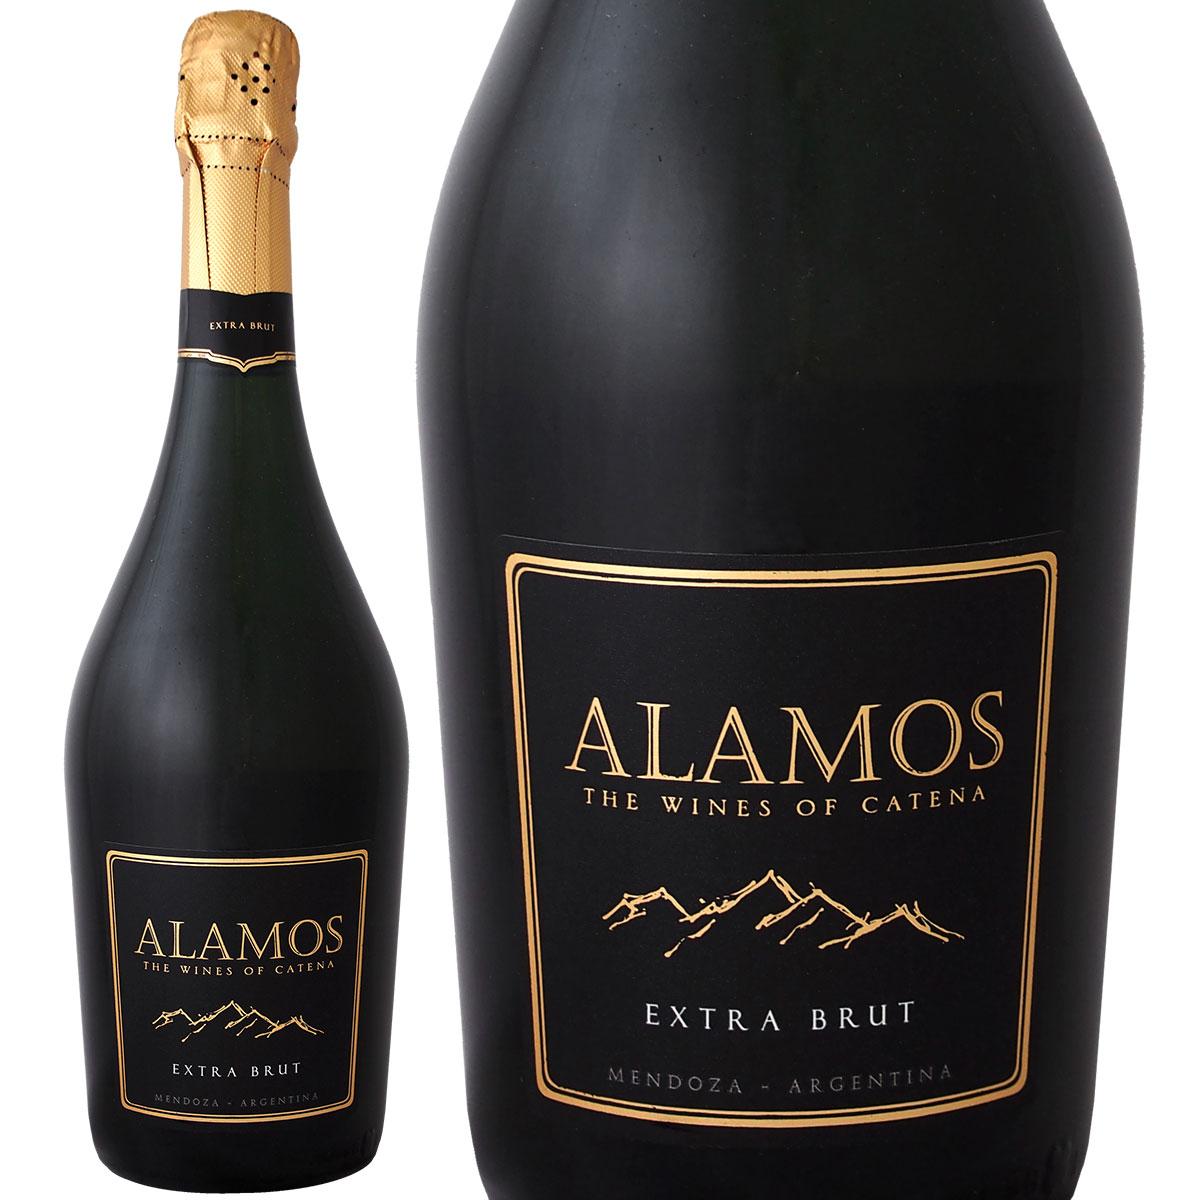 パーカー5つ星生産者が作り出す極上スパーク スパークリングワイン 白 カテナ 未使用 アラモス エキストラ ブリュット パーカー5つ星生産者が作り出す極上スパークが1 750ml 辛口 白スパークリングワイン アルゼンチン 700円 当店限定販売